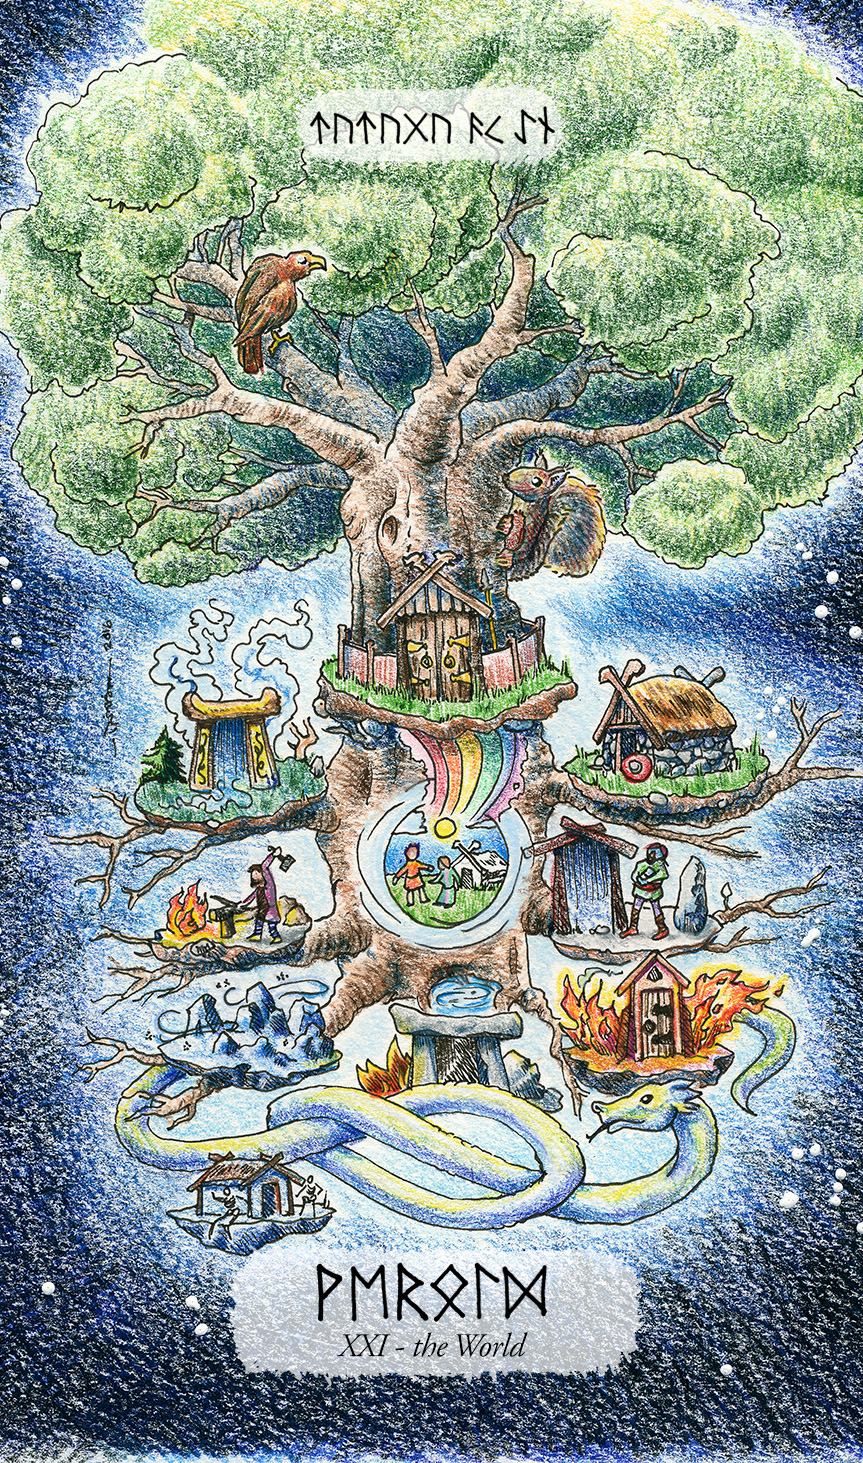 Yggdrasil as the World